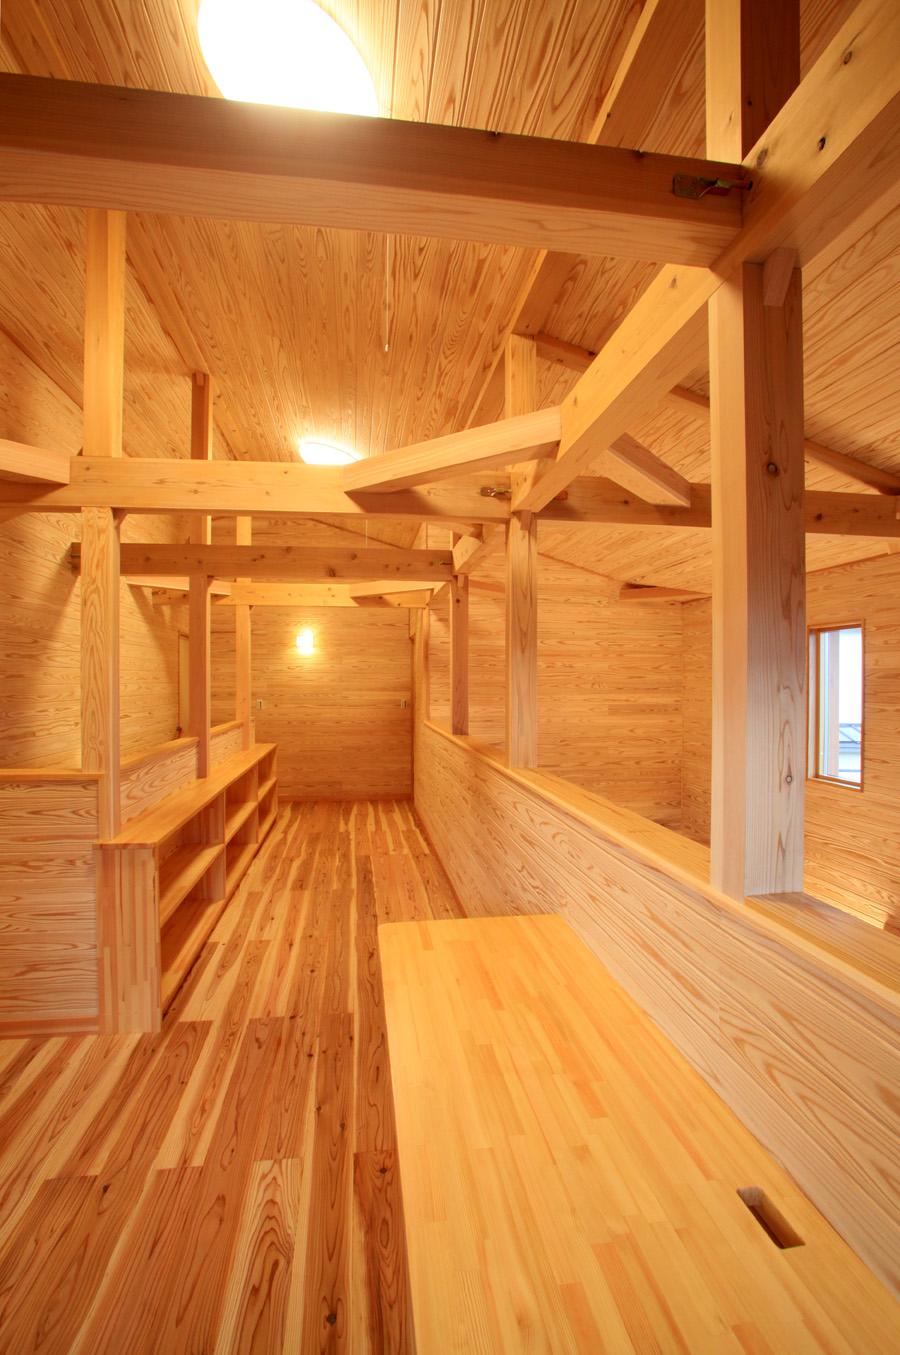 K様邸「船場町の家」完成内覧会のお礼_f0150893_10555915.jpg